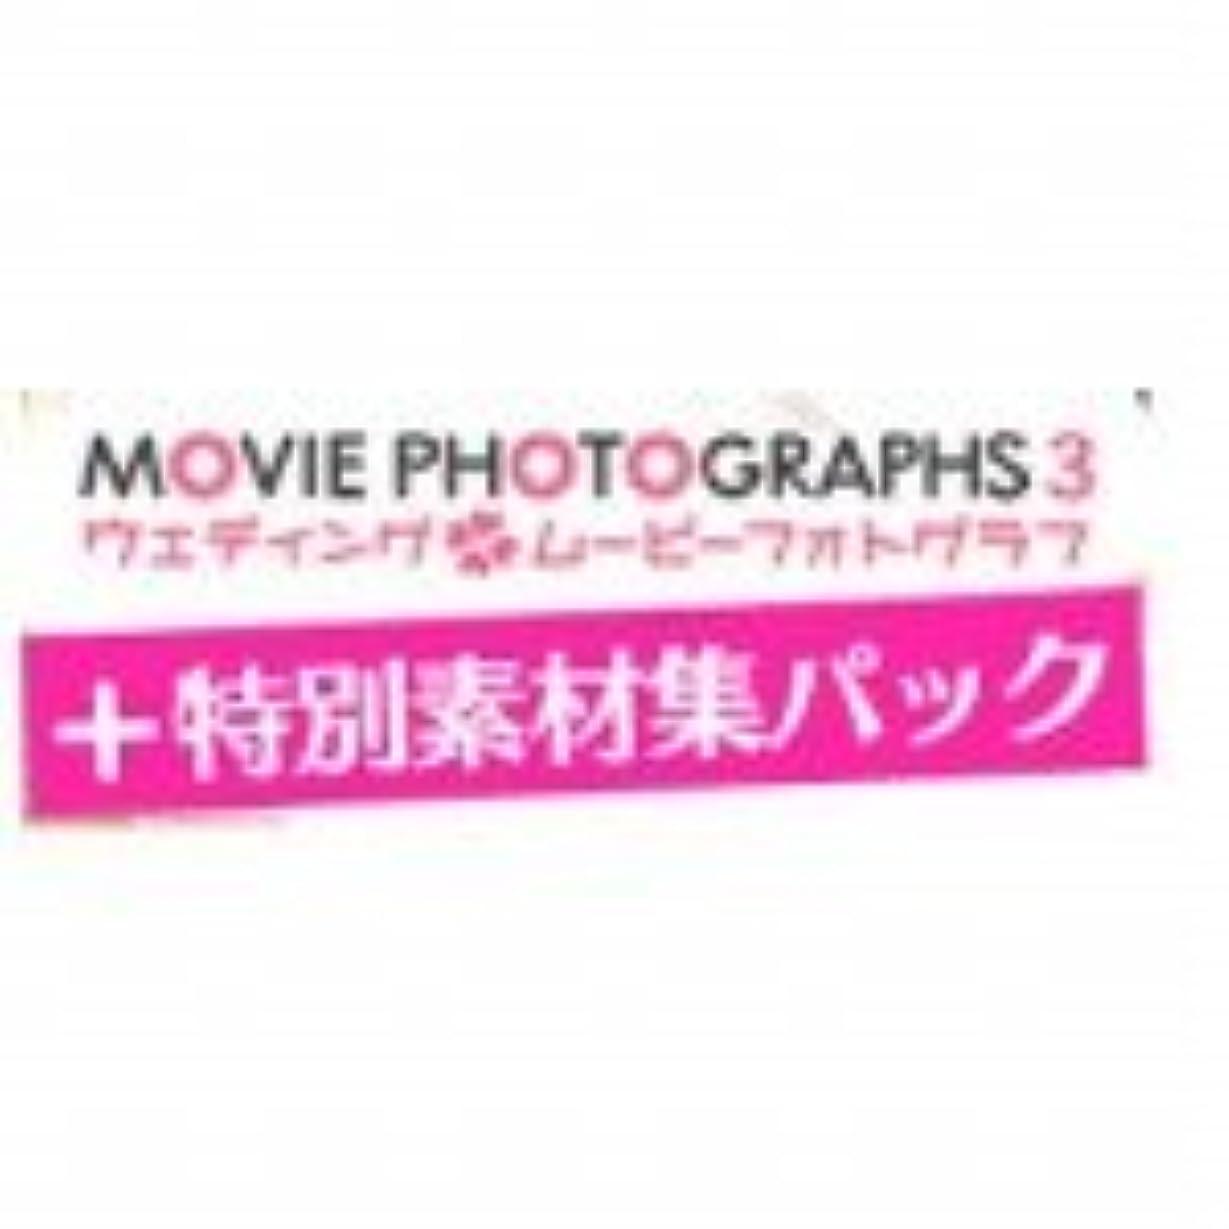 直面するお嬢月Wedding MOVIE PHOTOGRAPHS 3 +素材集パック